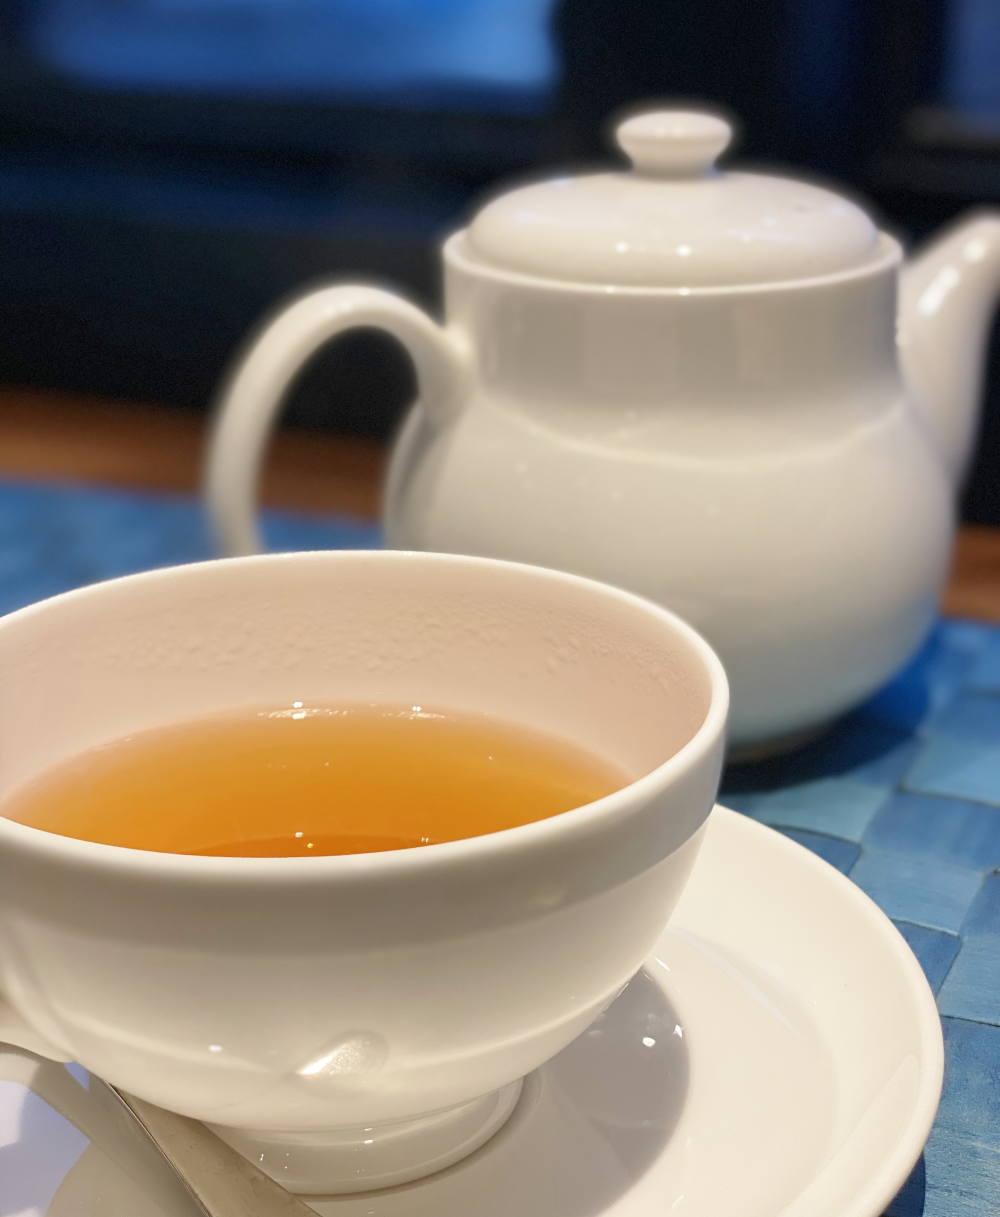 Wボレロのお店でオリジナルブレンドの中国茶を飲んでみた